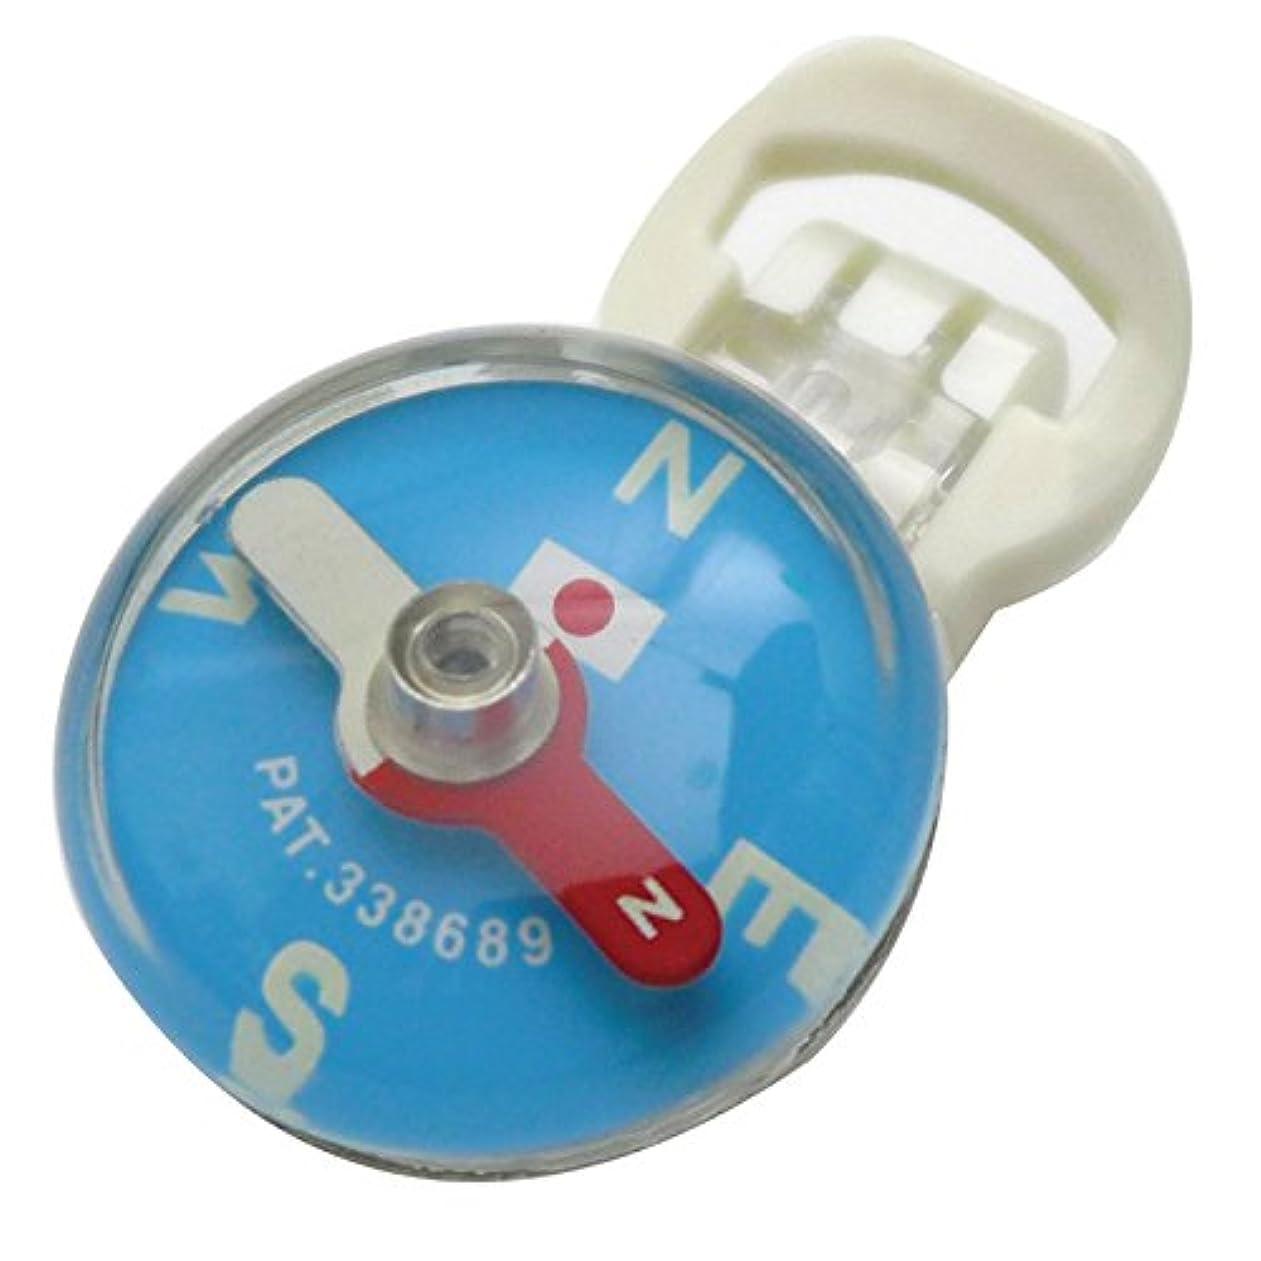 記者早熟疾患ロイヤルブリーズ | クリップ コンパス ブルー 26mm | EDC カトラ | IPX8 | 20気圧防水 |蓄光文字 | 日本製